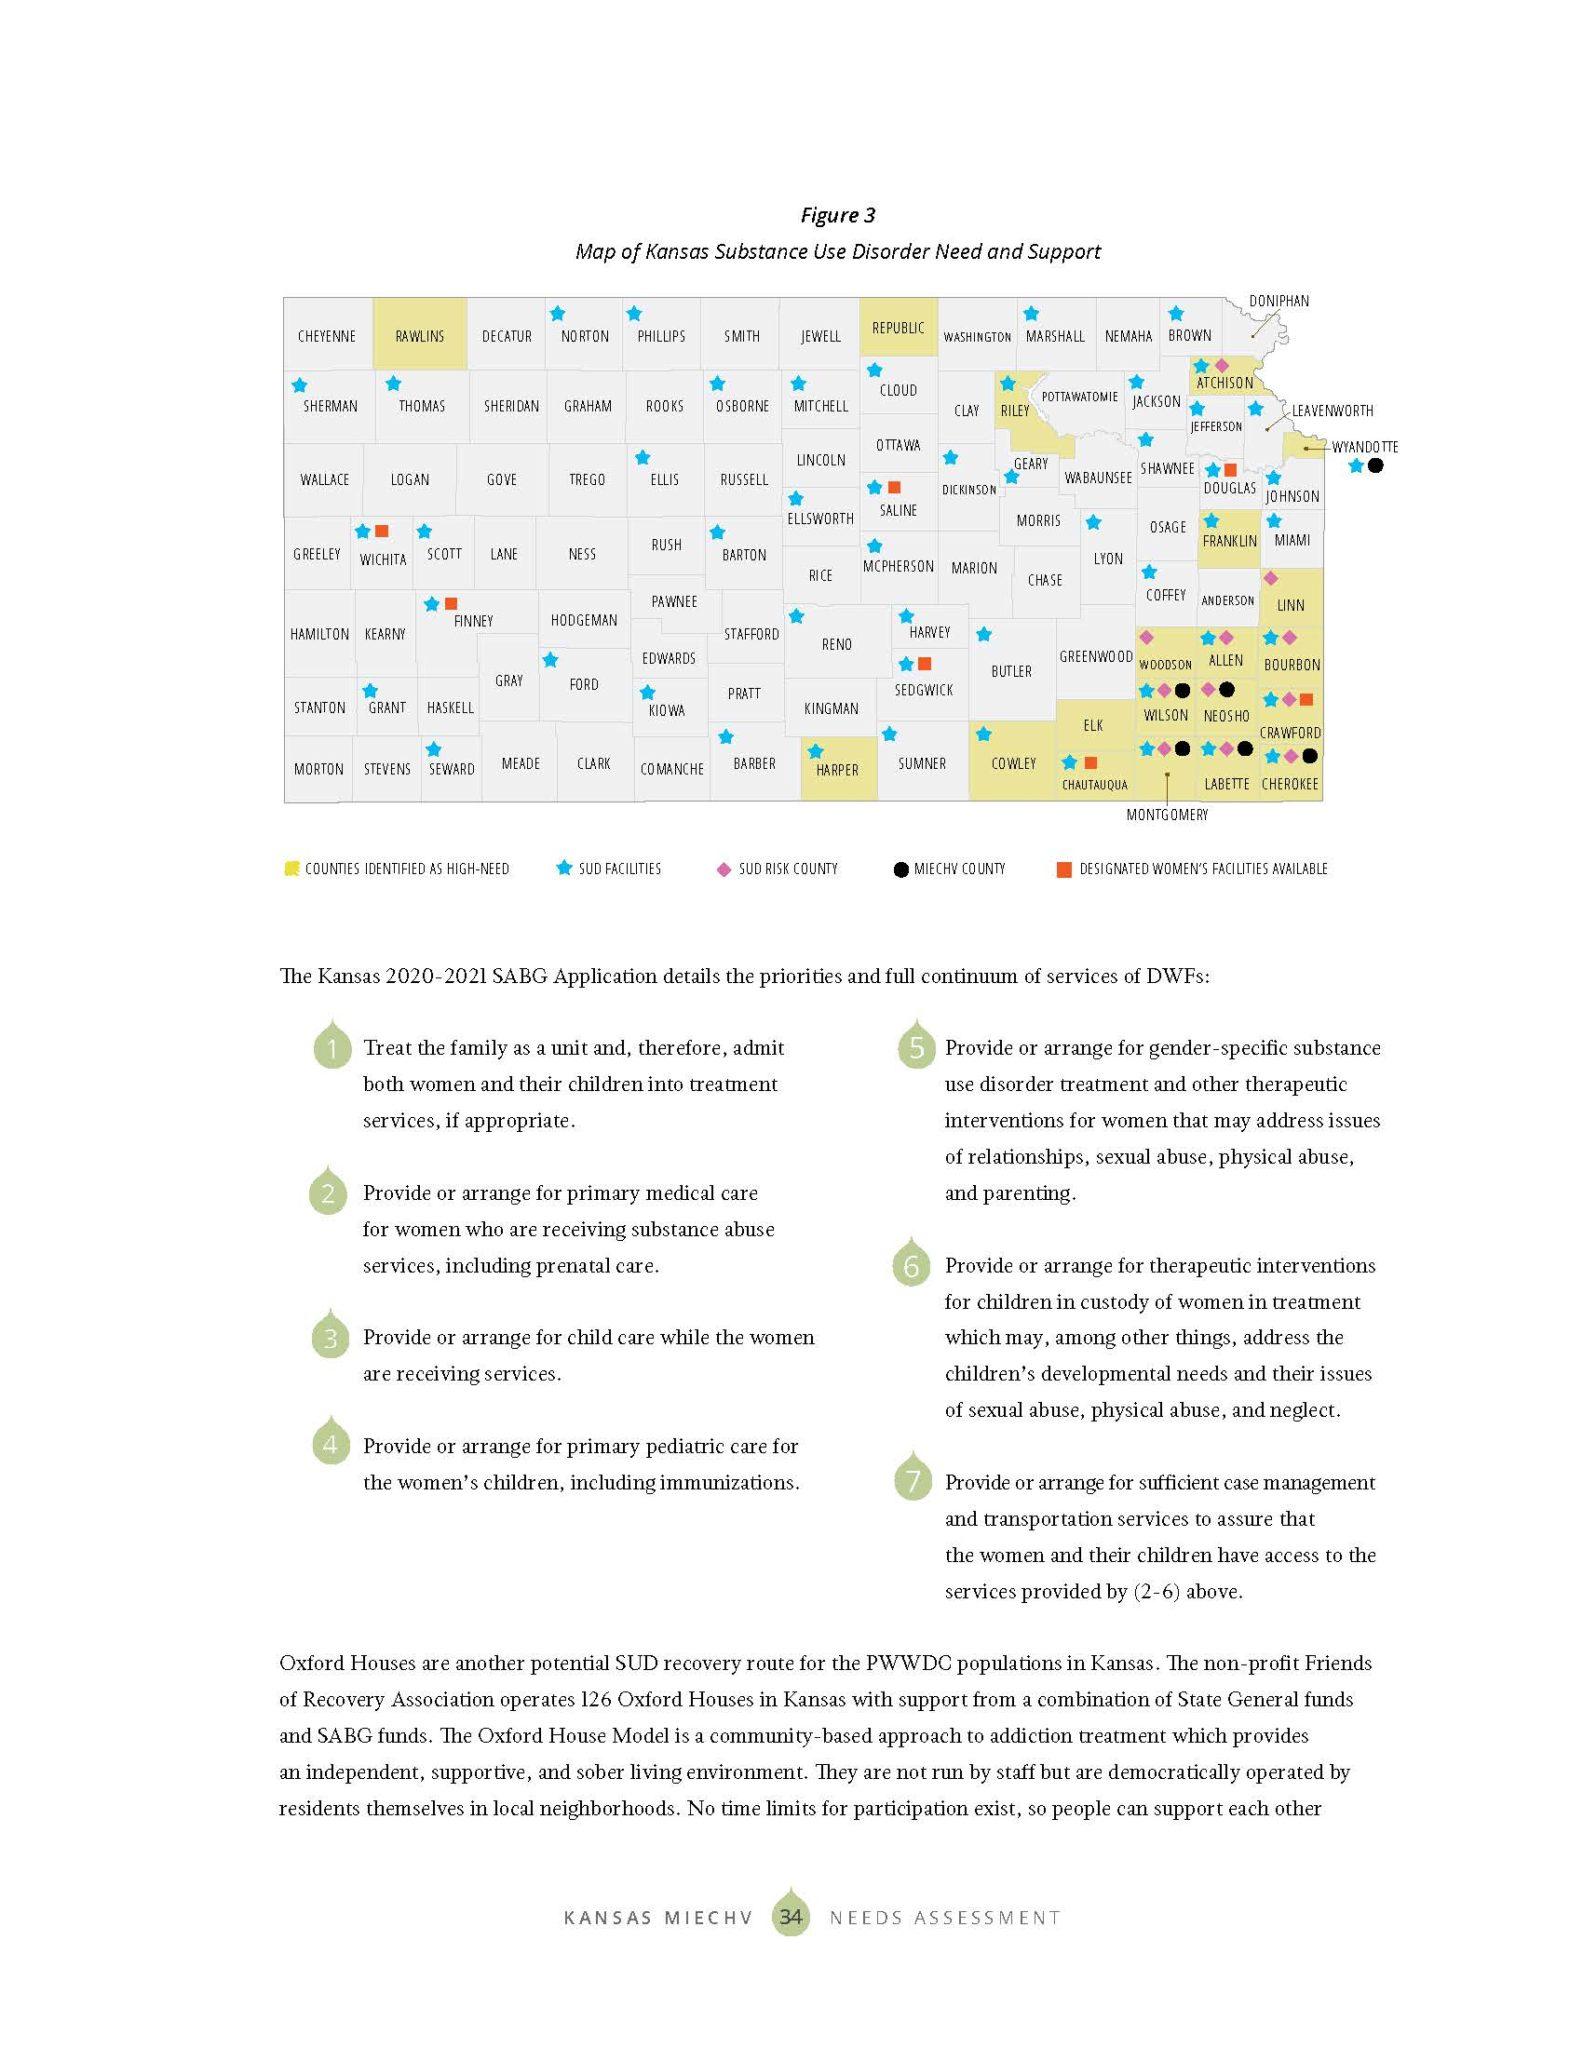 KS MIECHV 2020 Needs Assessment_DIGITAL_Page_042